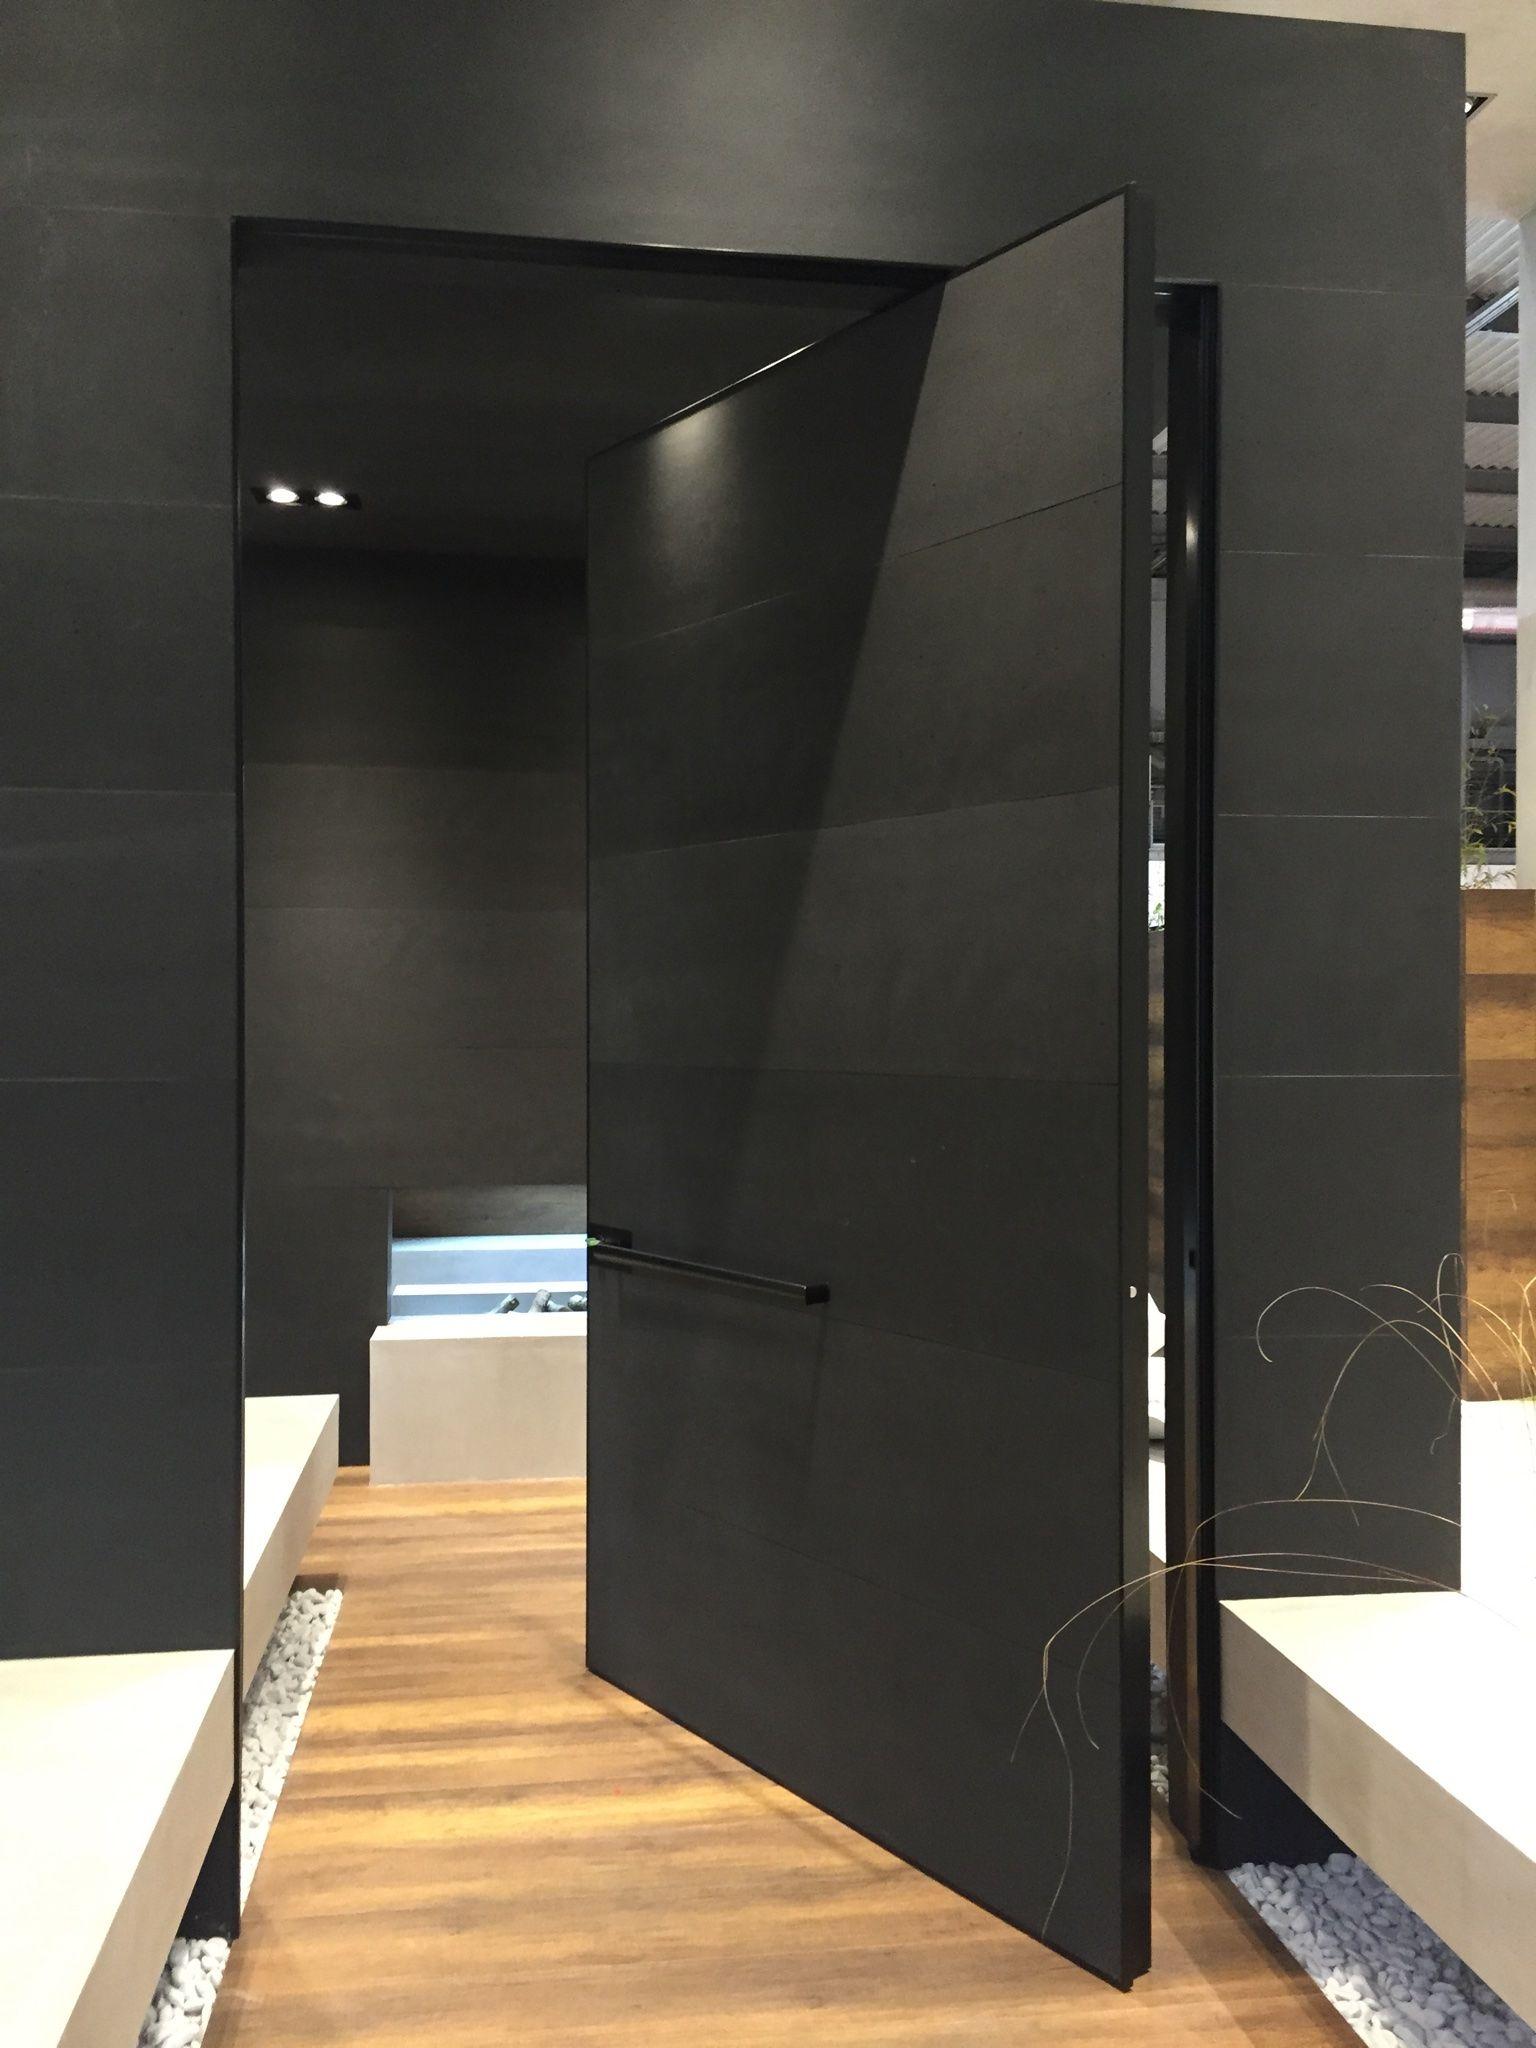 Espectacular puerta Synua pivotante de grandes dimensiones 1800 x 2800 alto, en acabado cemento negro y guarniciones en aluminio Negro.